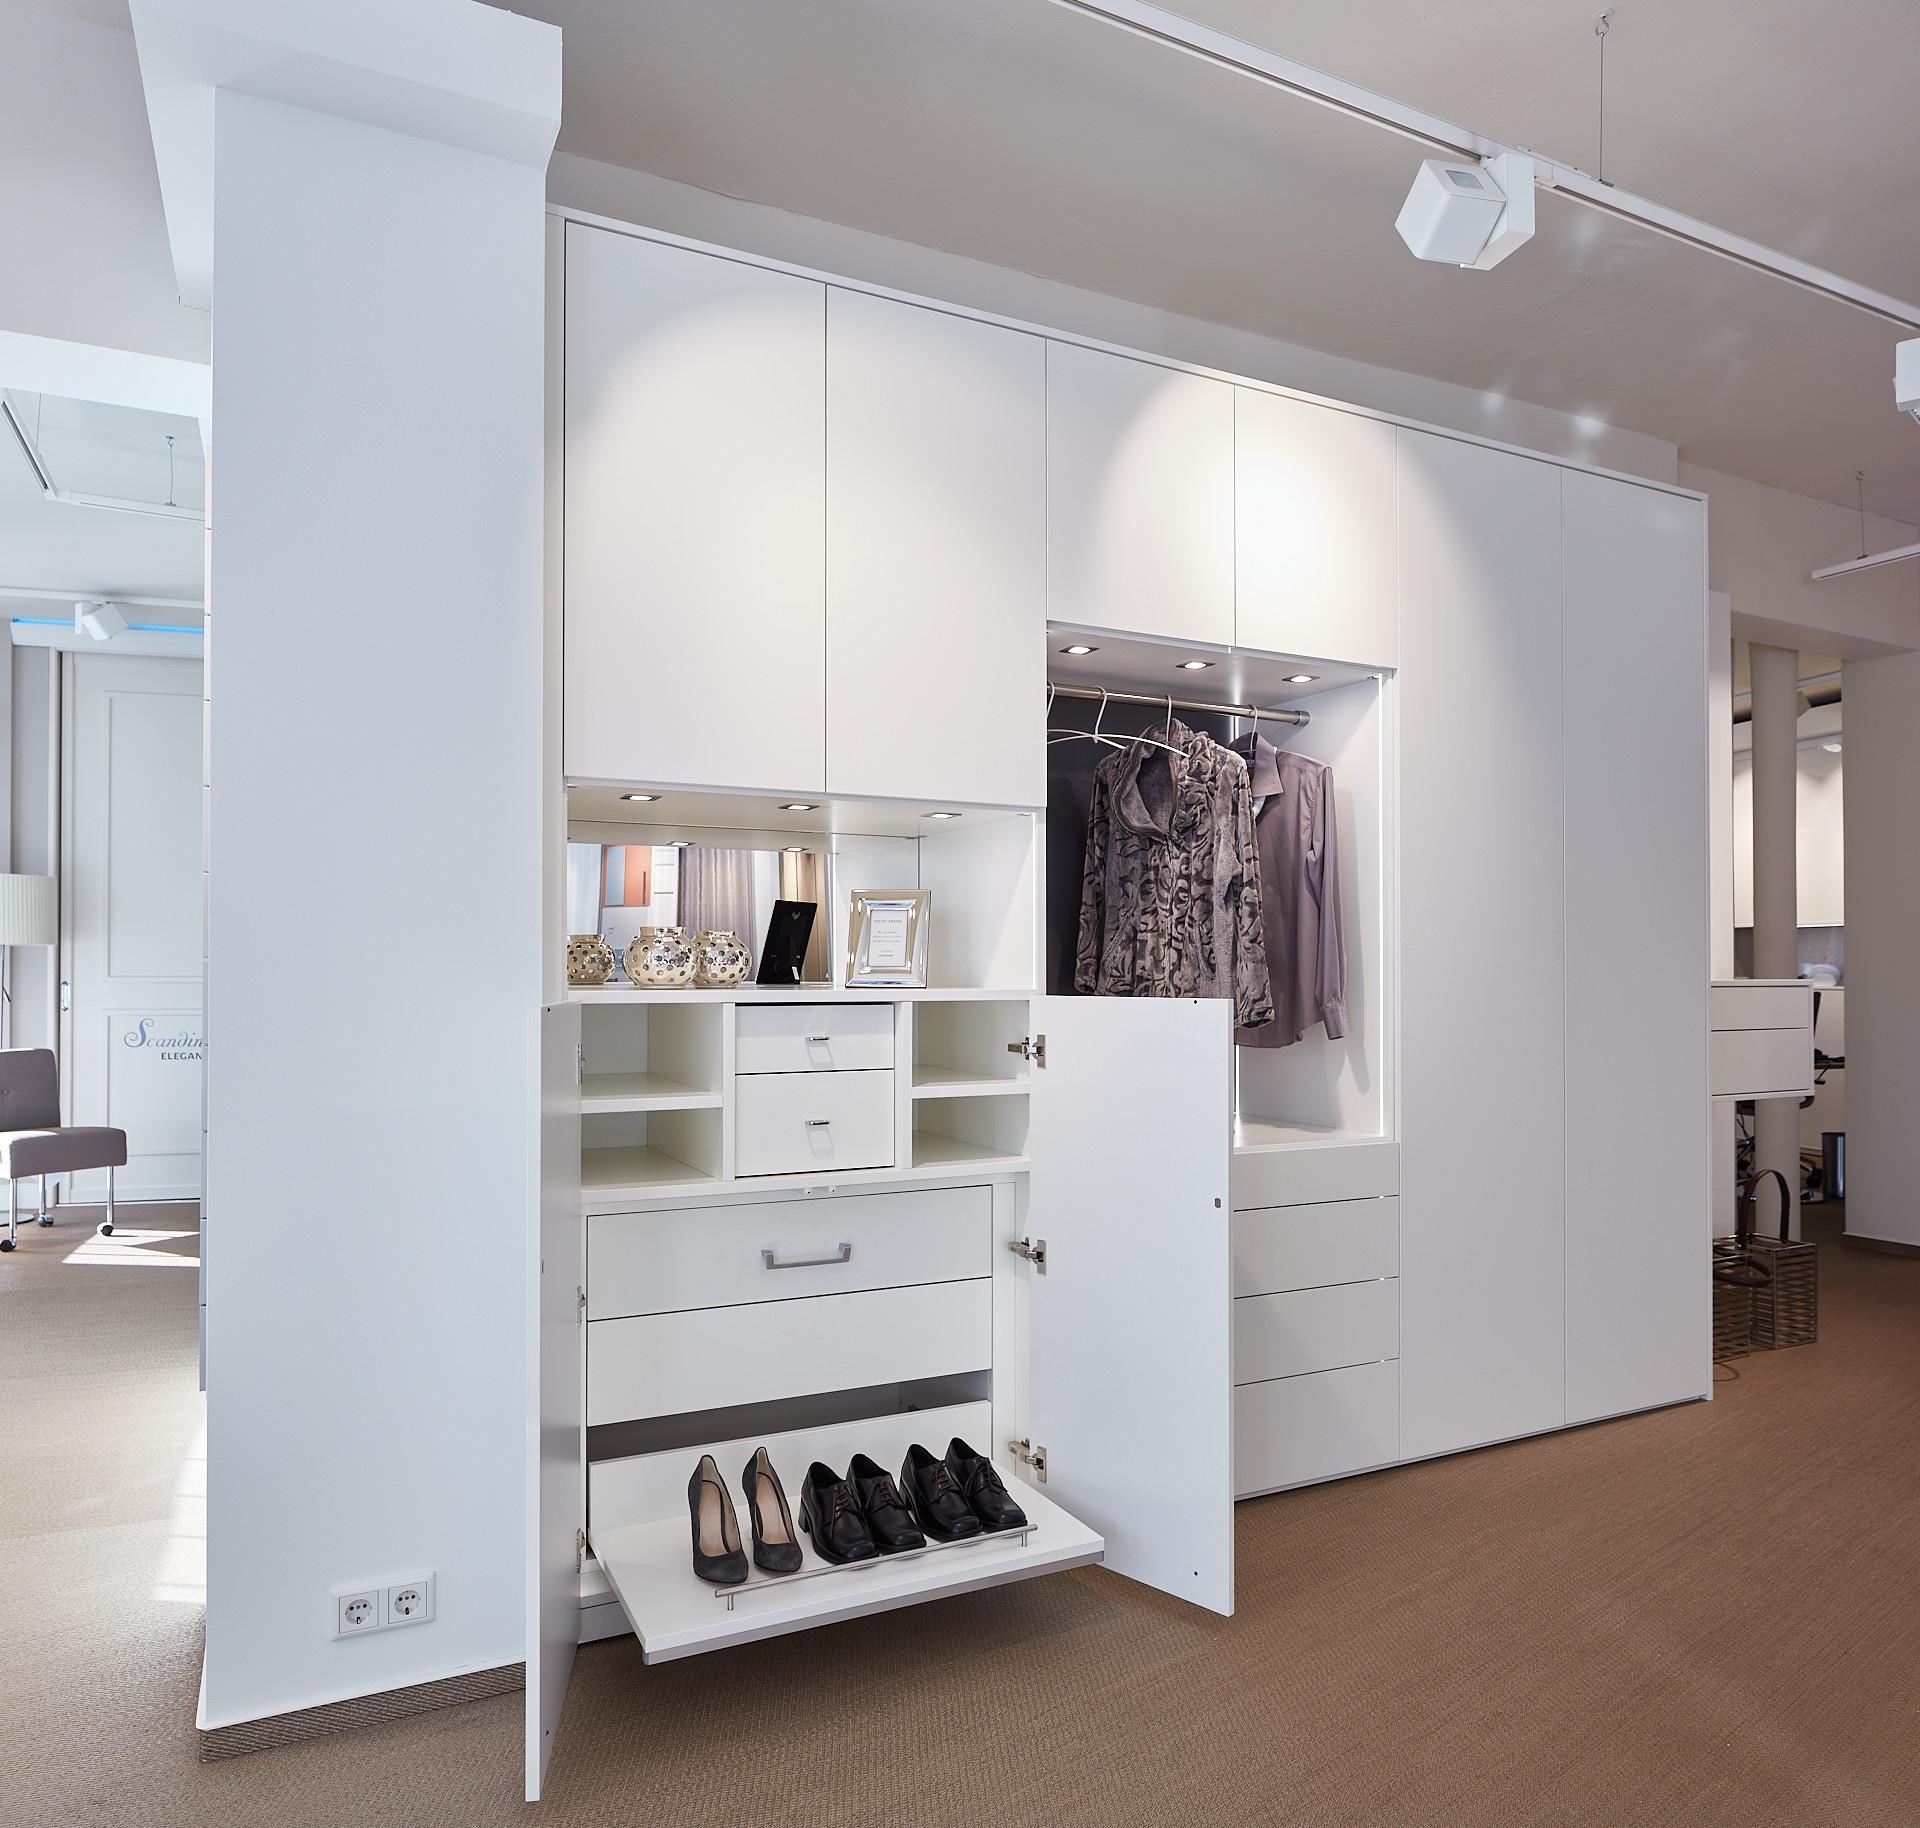 Maßgefertigter weißer Garderobenschrank mit viel Stauraum für Schuhe, Mäntel uns sonstige Utensilien.